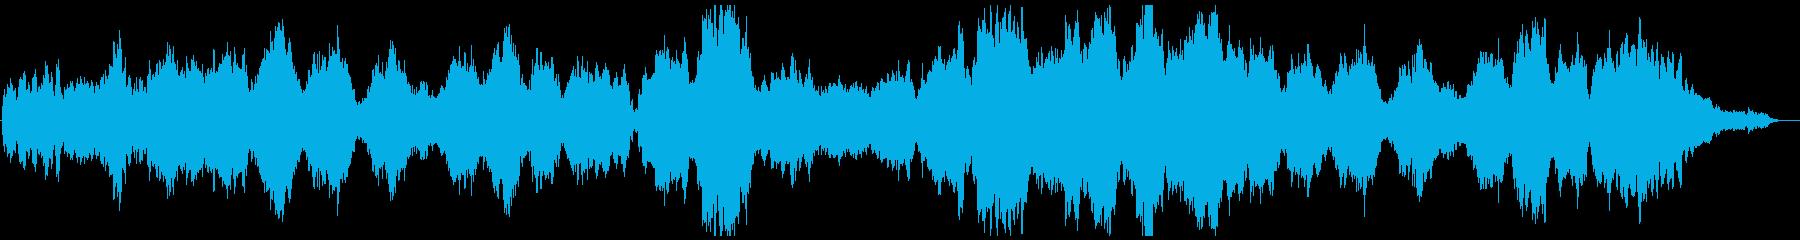 プログレッシブ 交響曲 広い 壮大...の再生済みの波形